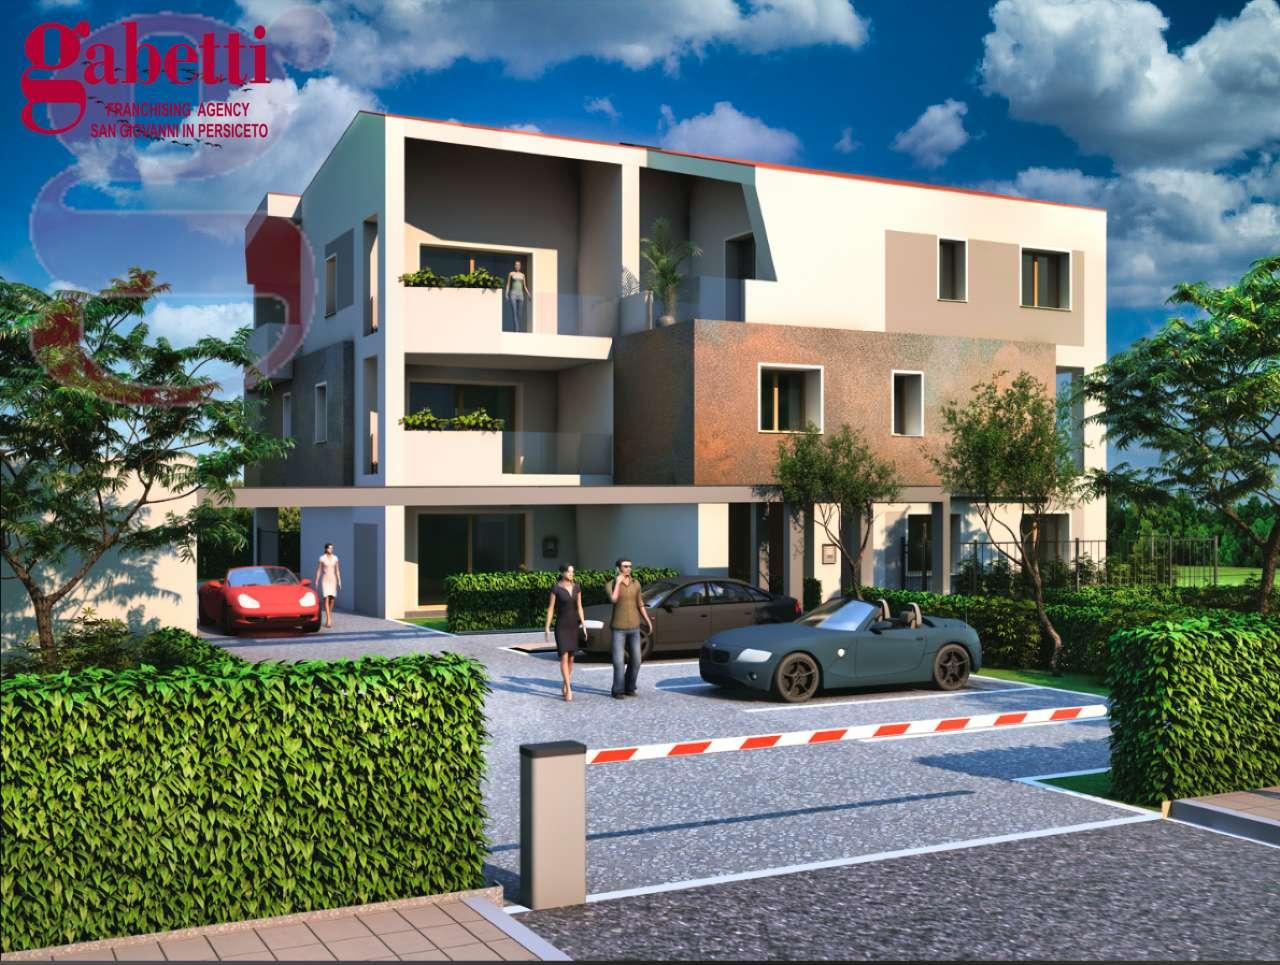 Appartamento in vendita a San Giovanni in Persiceto, 4 locali, prezzo € 310.000 | PortaleAgenzieImmobiliari.it